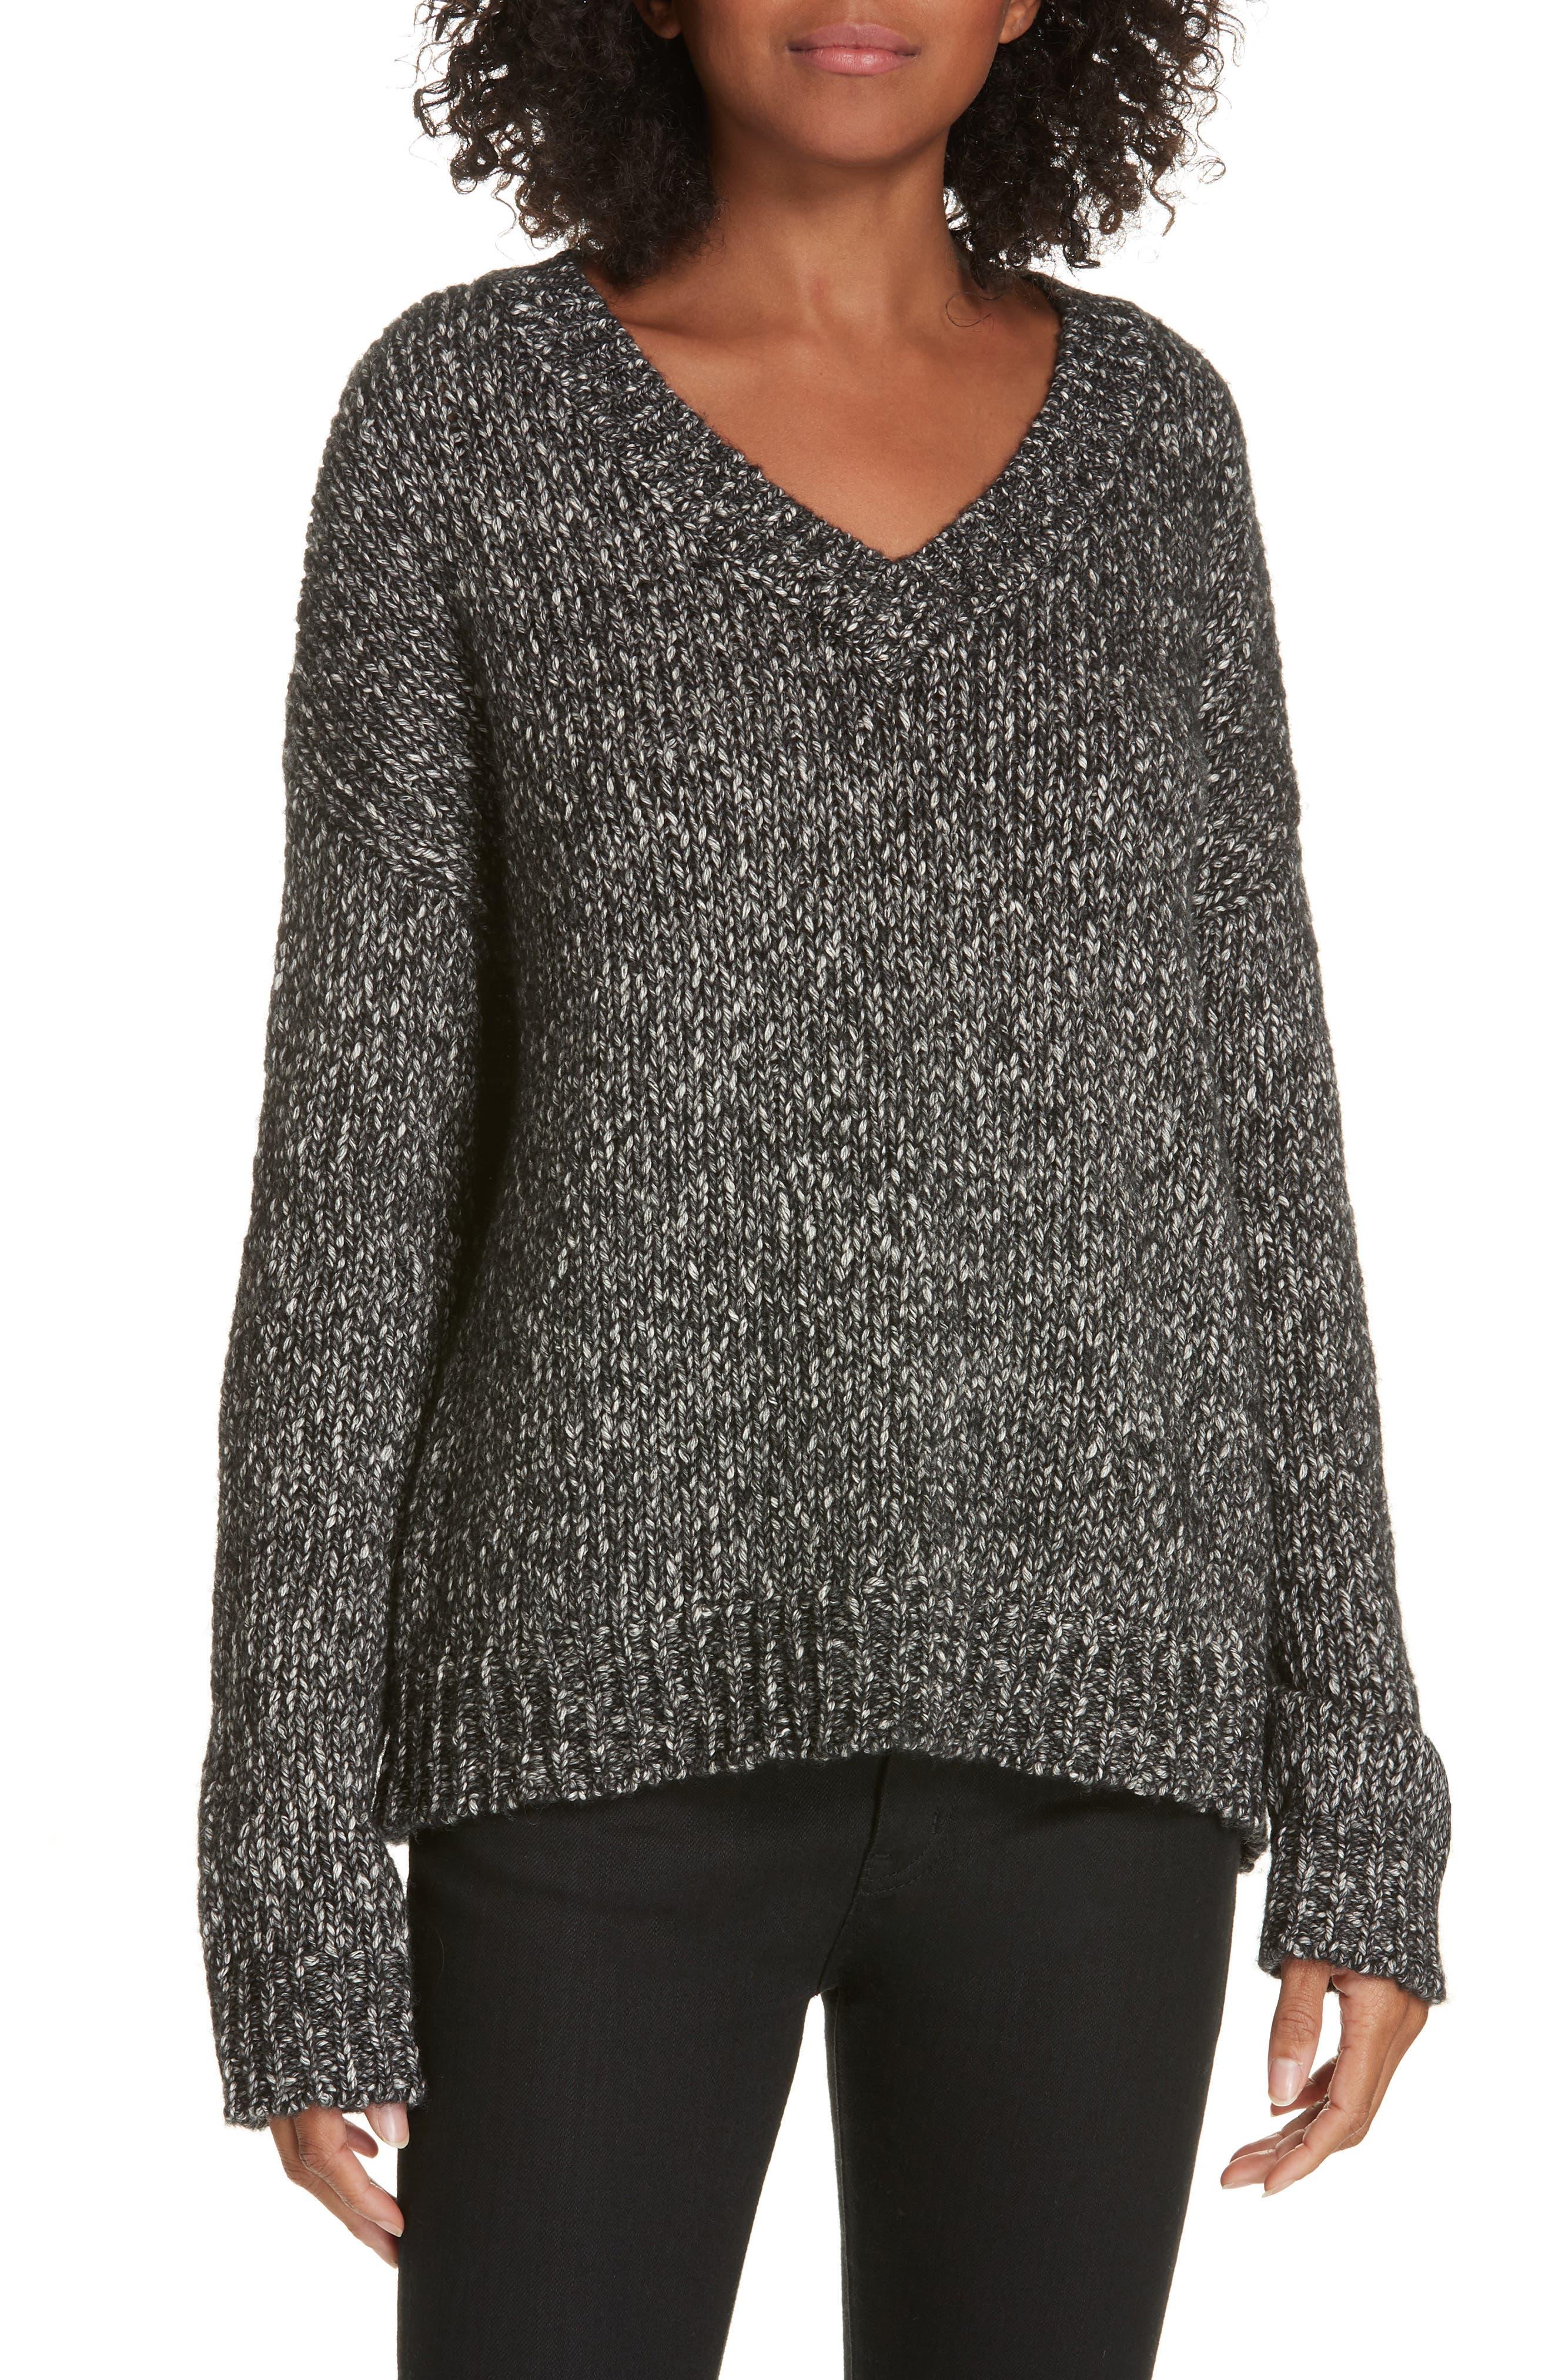 Parkland Slouchy Cotton & Wool Sweater,                             Main thumbnail 1, color,                             LEAD MELANGE